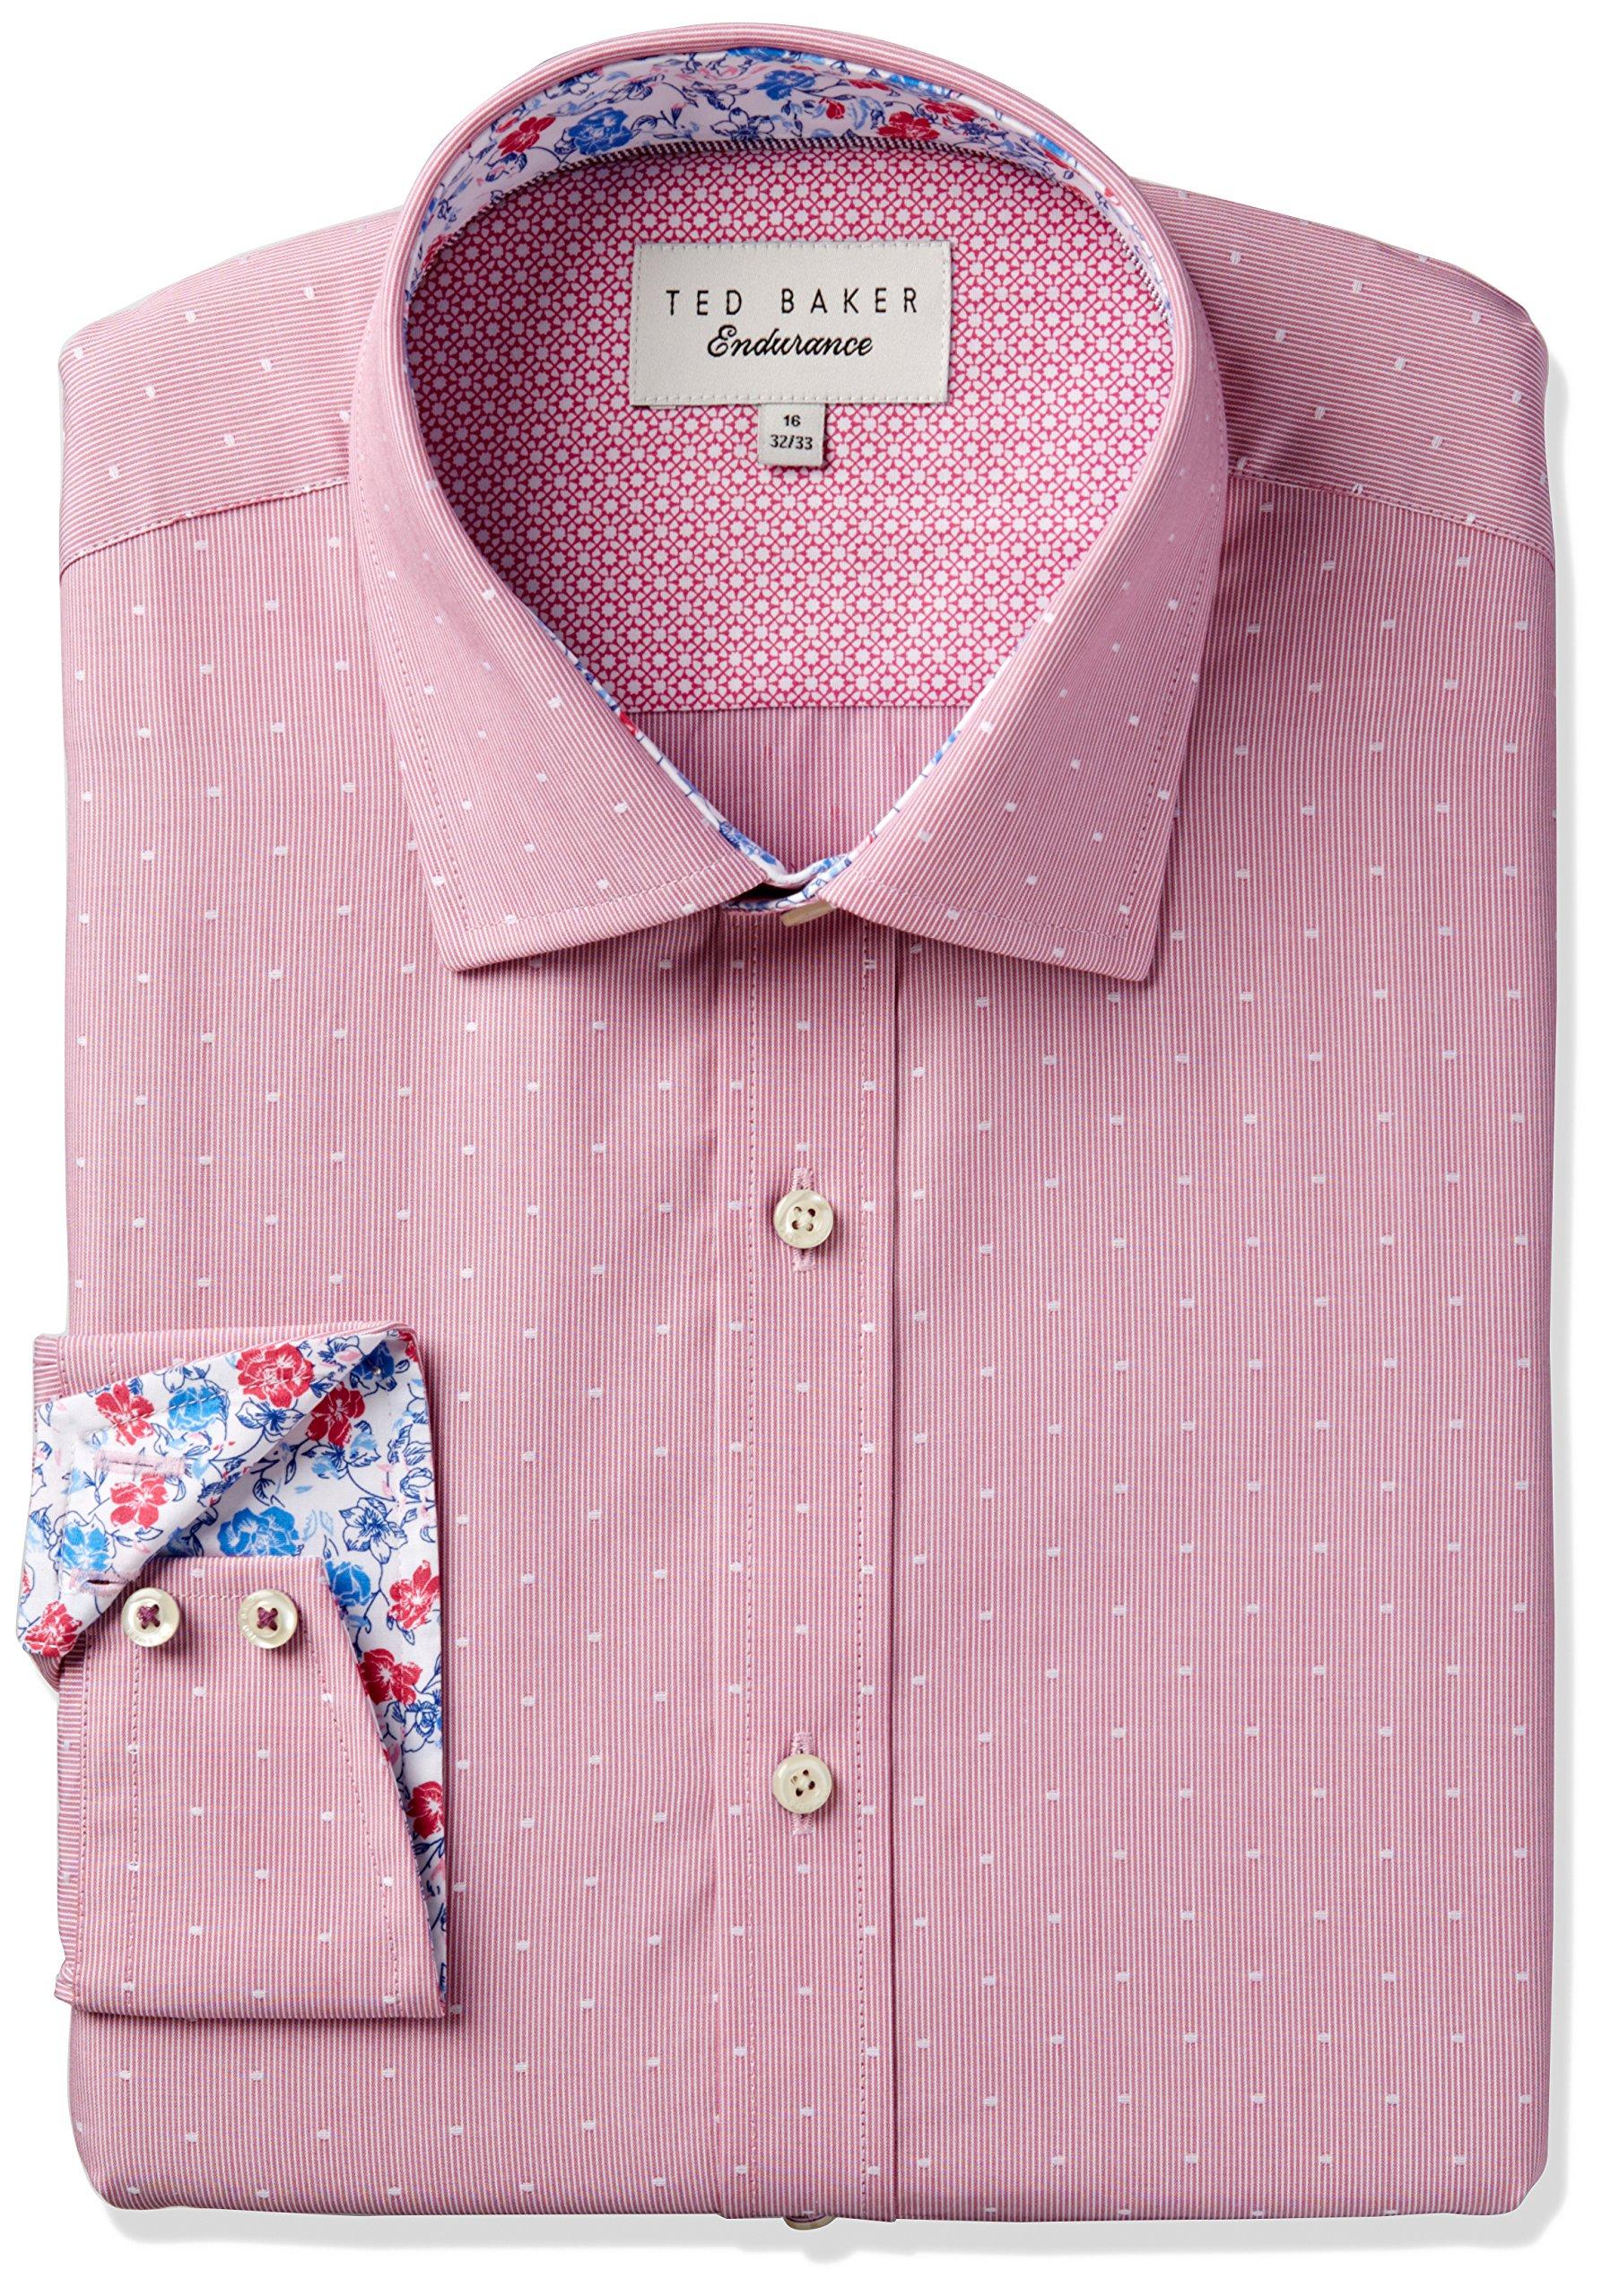 Ted Baker Men's Slim Fit Crete Dobby Dot Dress Shirt, Pink, 16.5'' Neck 34''-35'' Sleeve